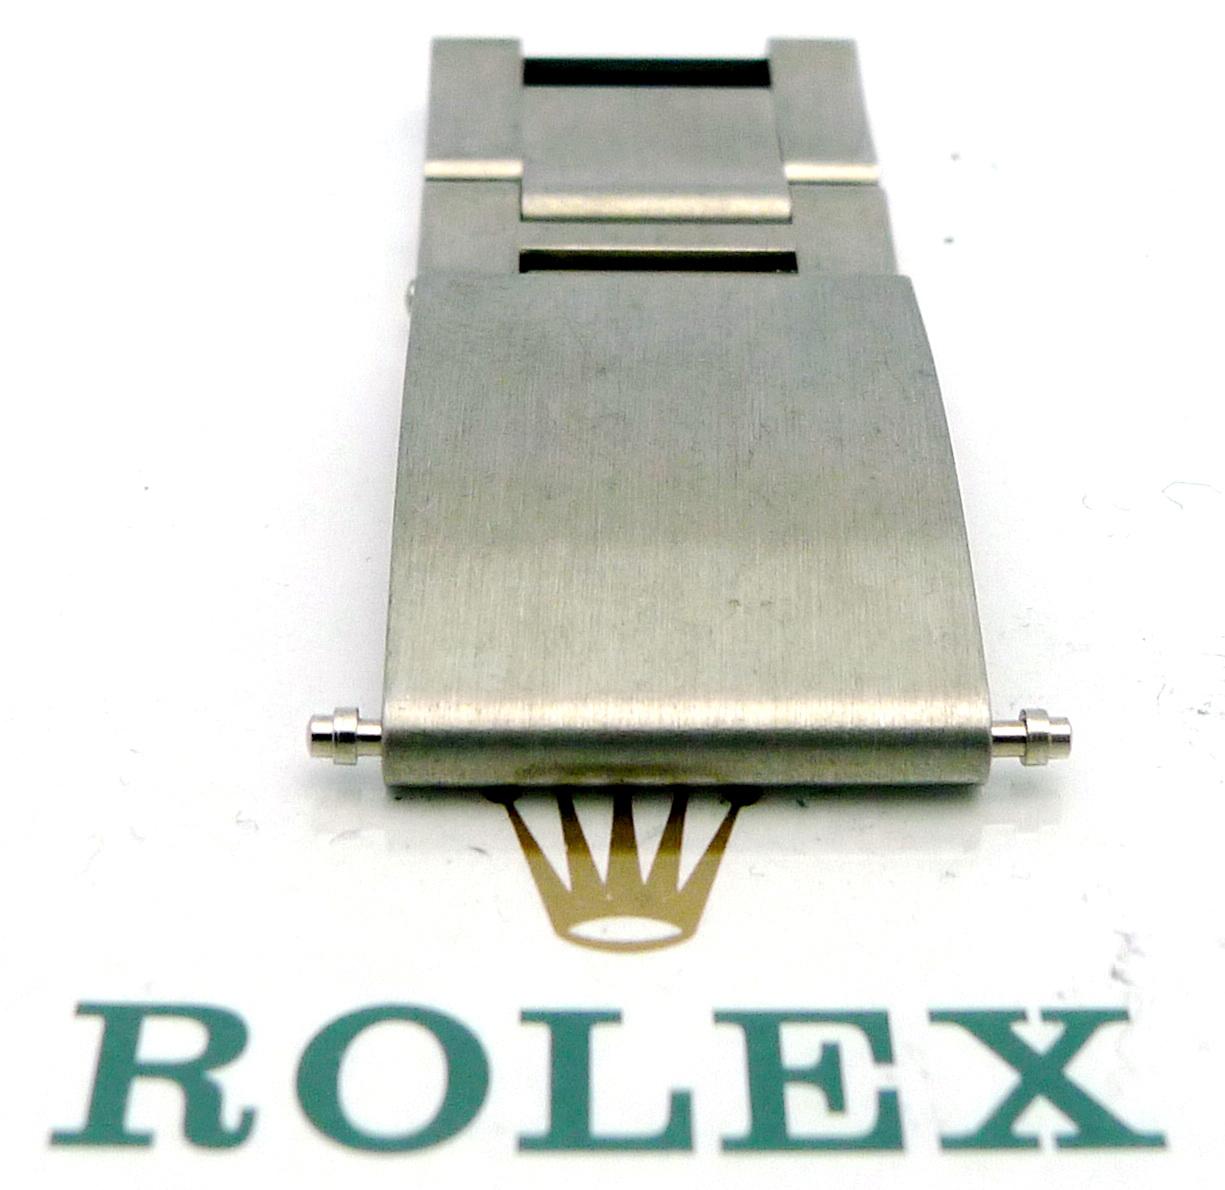 rolex oyster stahl element verl ngerung sea dweller 1990er jahre ebay. Black Bedroom Furniture Sets. Home Design Ideas